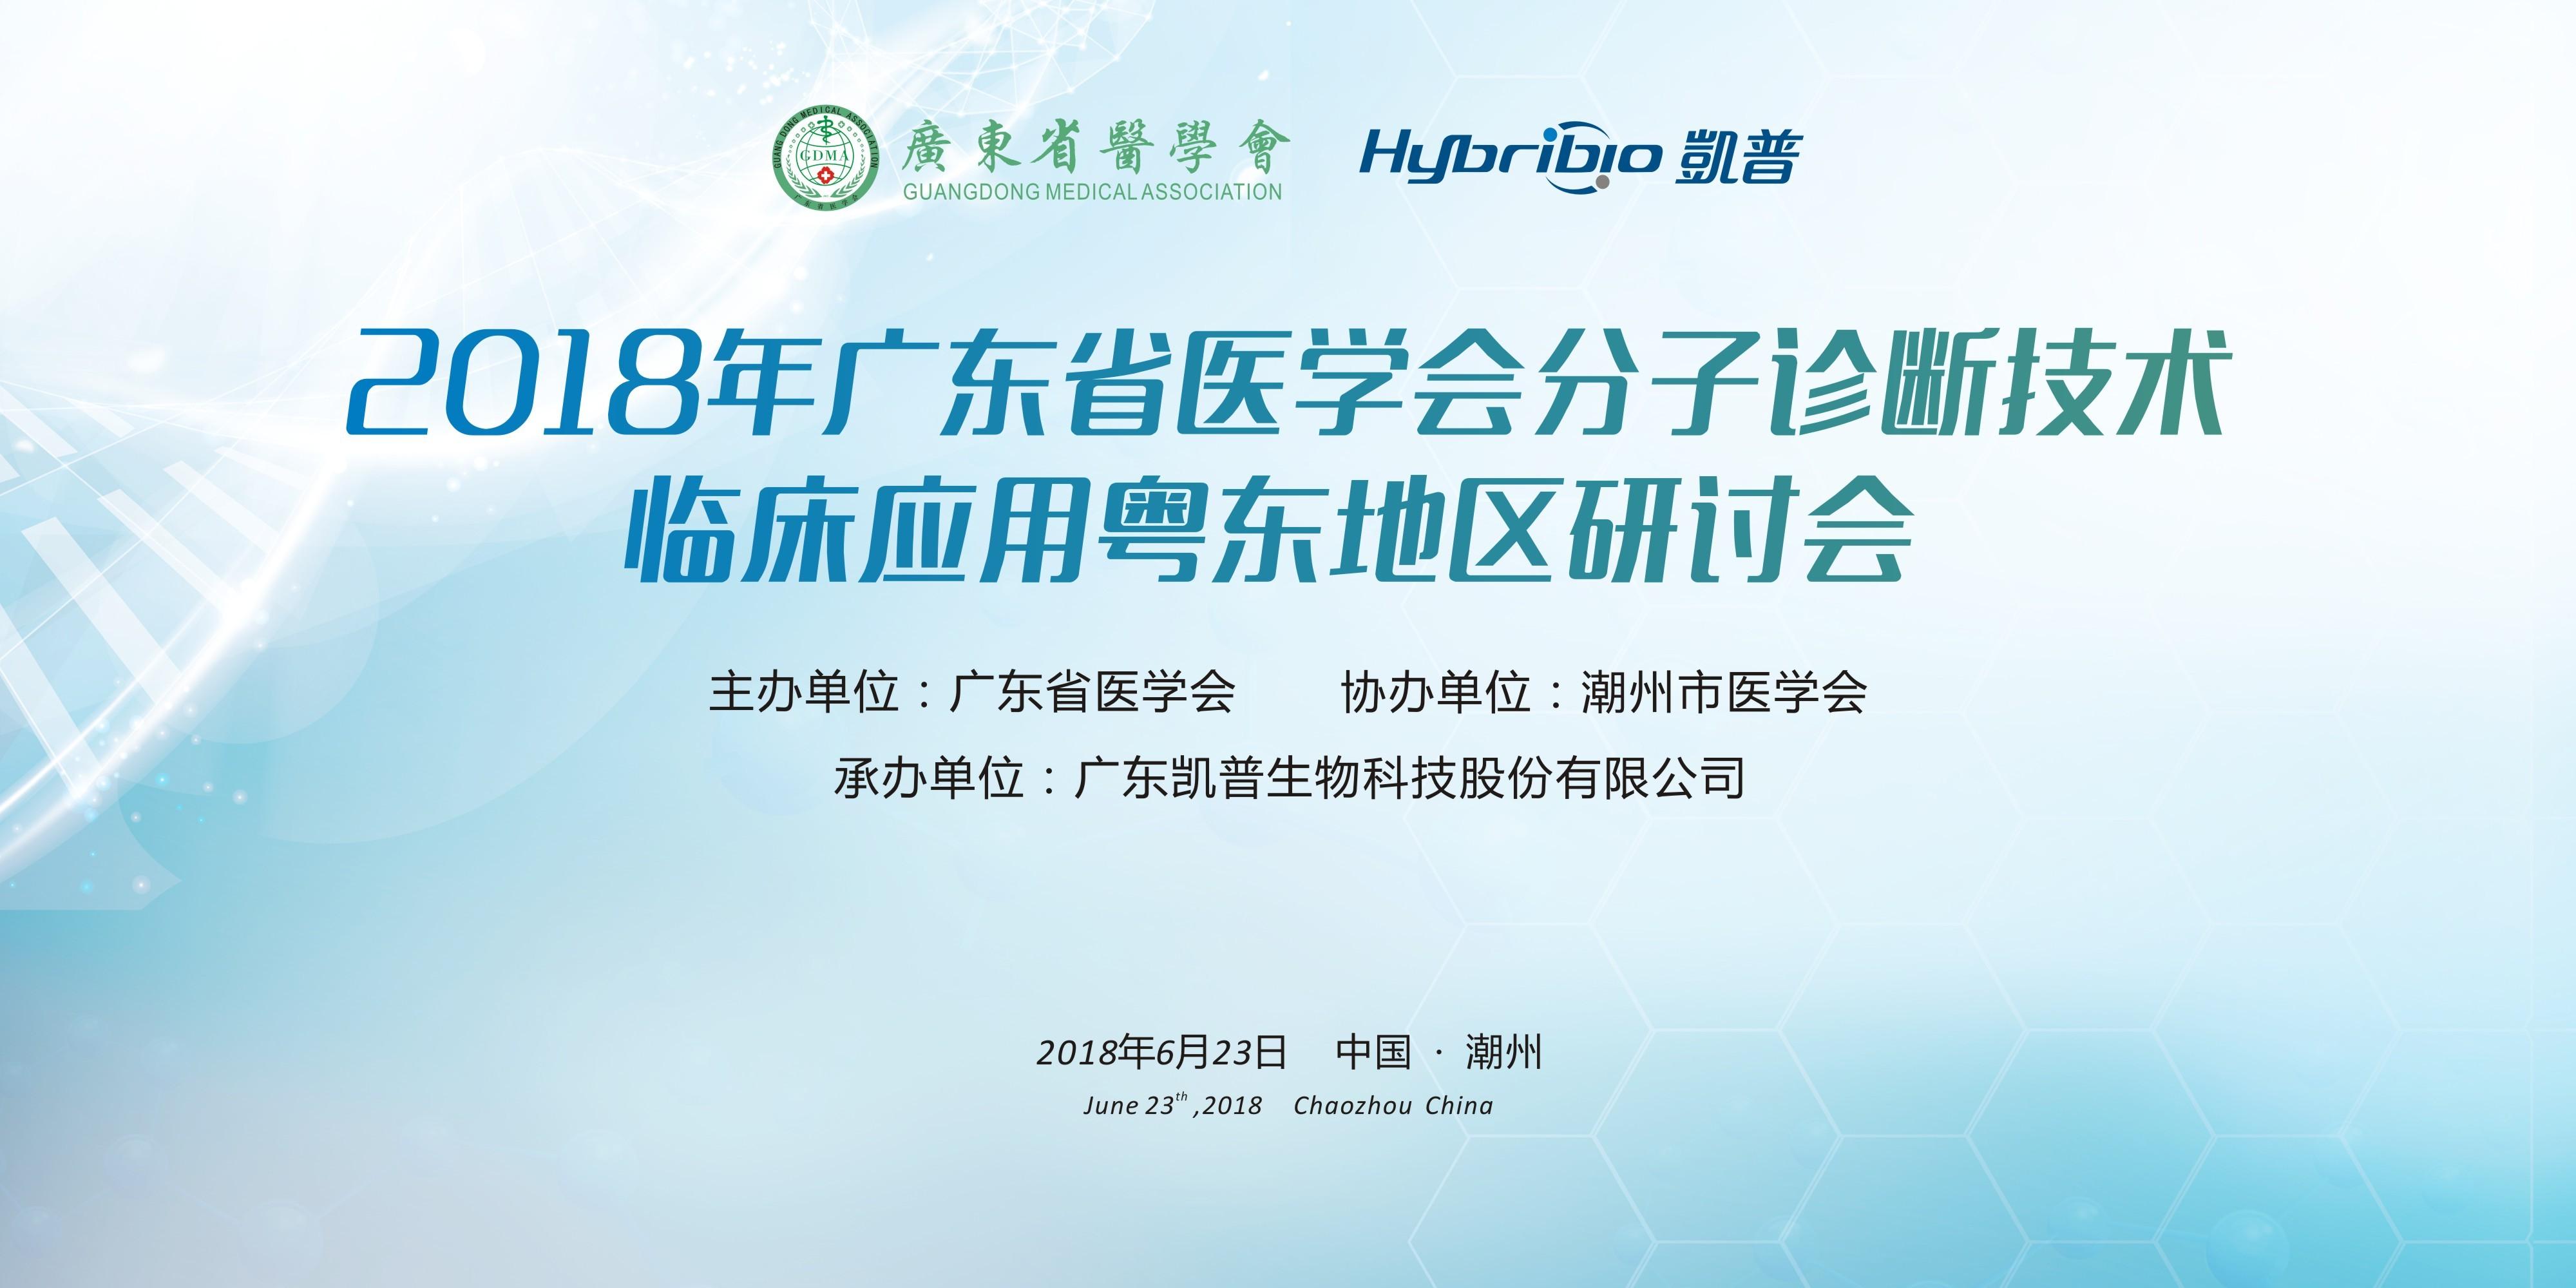 2018广东省医学会分子诊断技术临床应用粤东地区研讨会